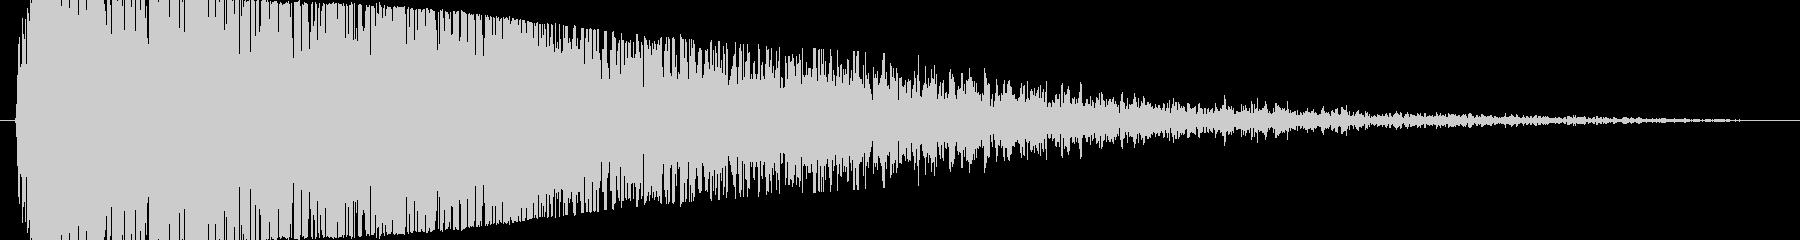 【爆音2(3秒に短縮)】大砲やダメージ音の未再生の波形